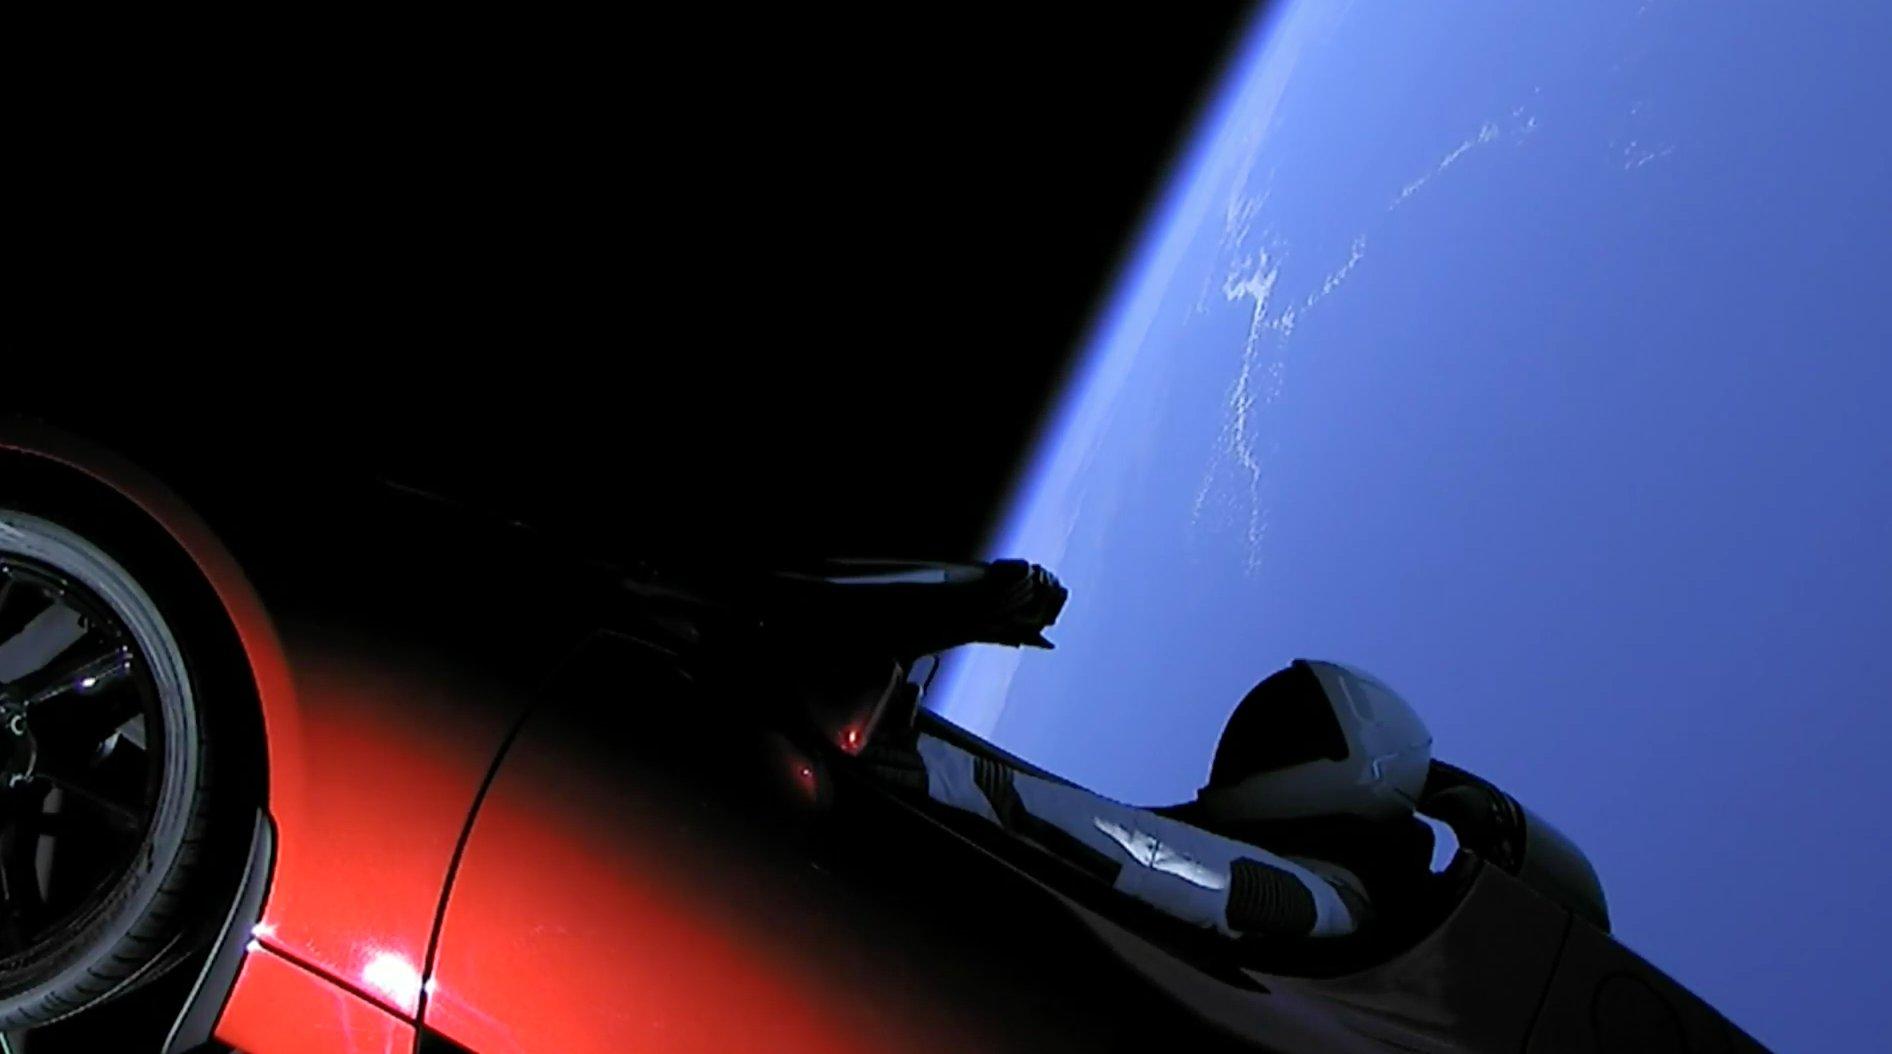 Тесла в космосе: успешный рекламный проект